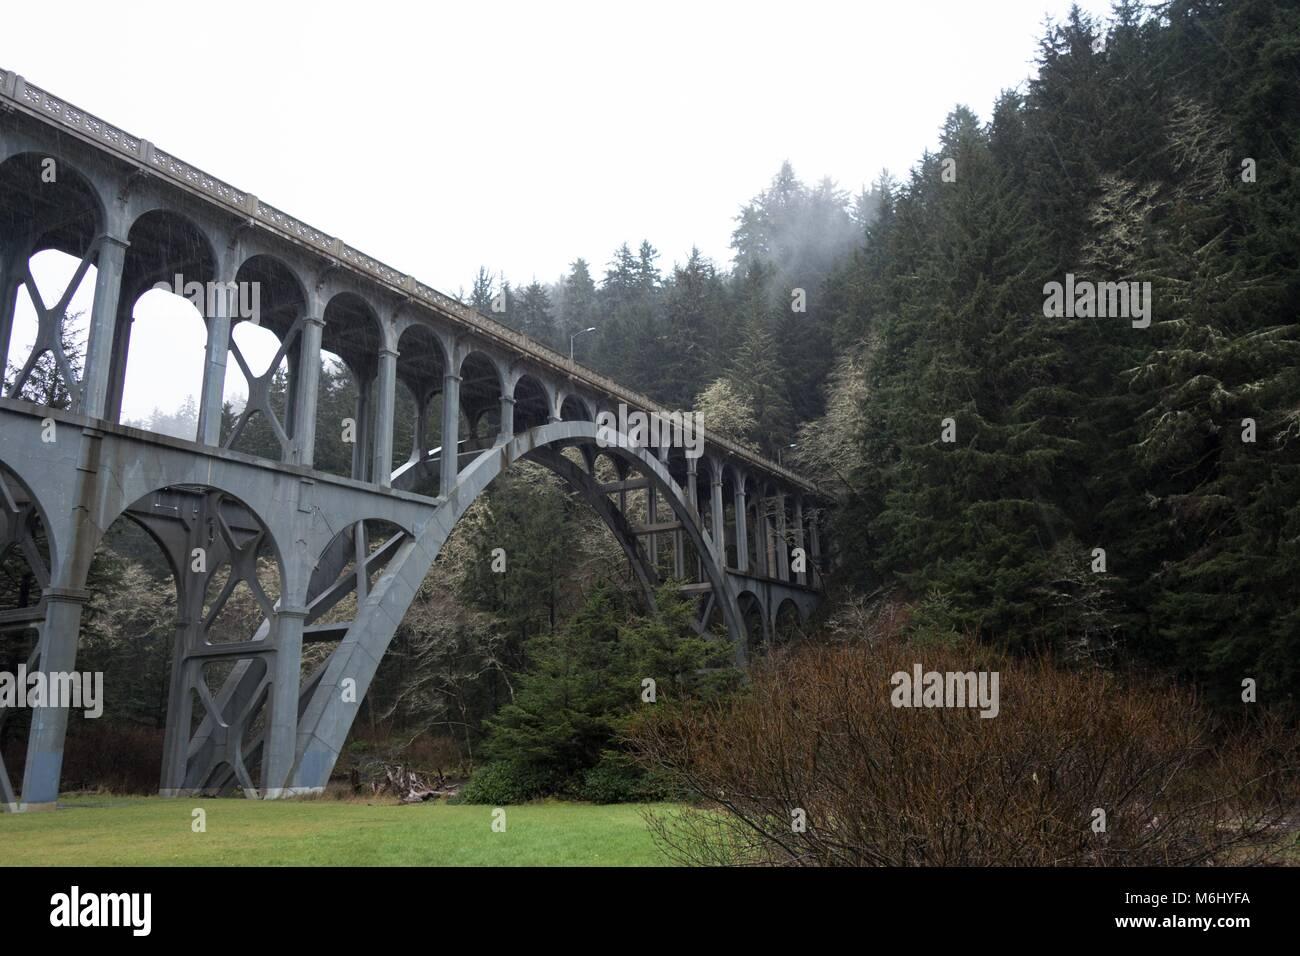 Das Kap Creek Bridge in Florenz, Oregon, USA. Stockbild